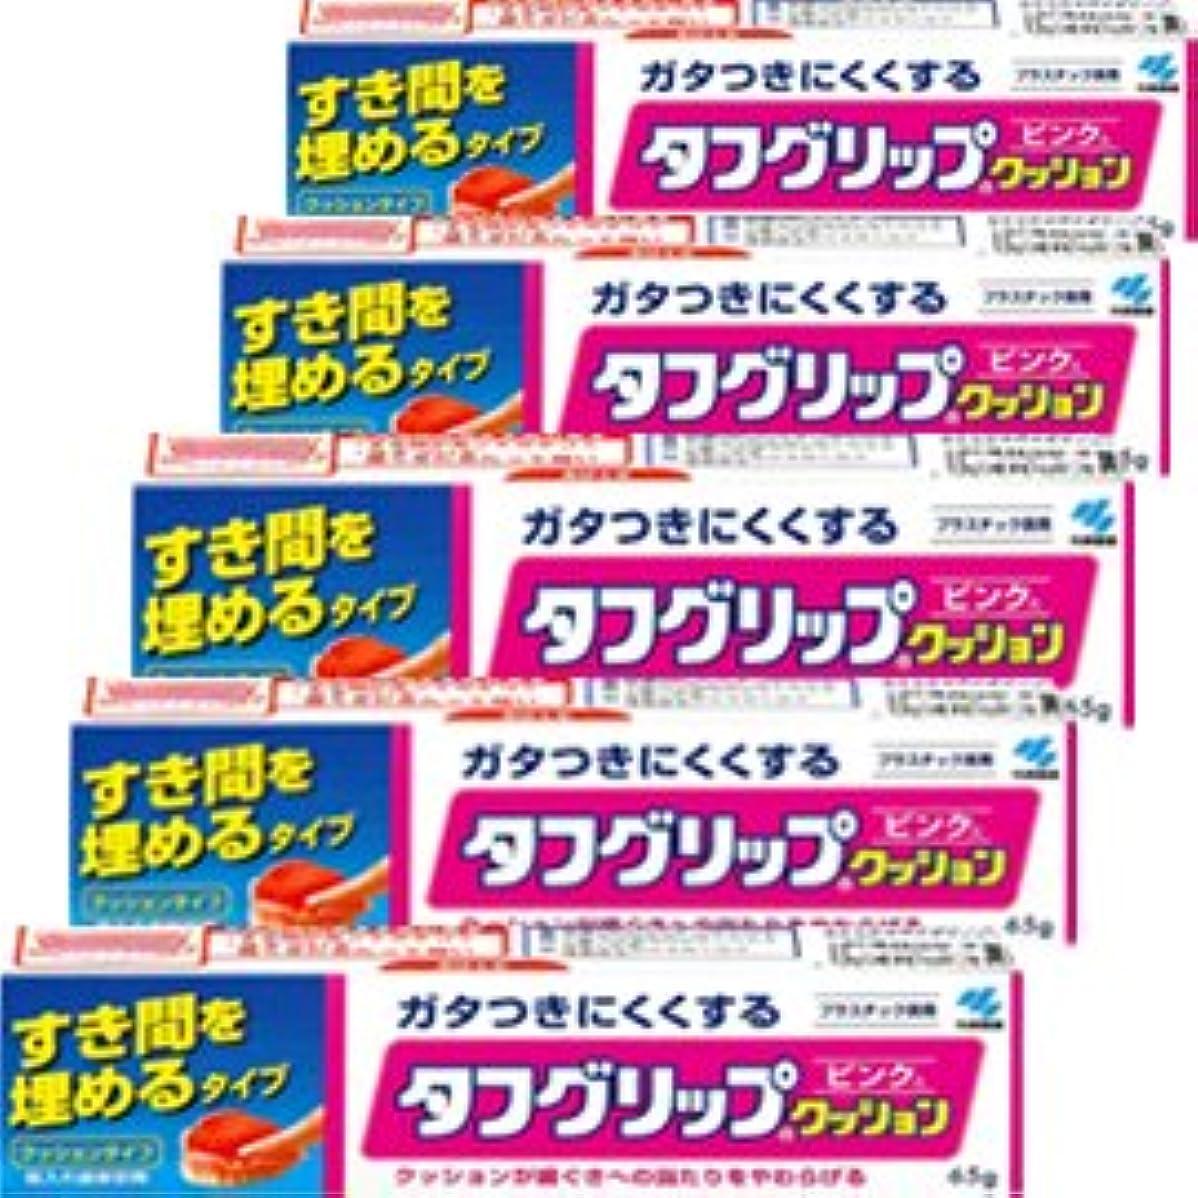 シーサイド常習者違法【5本】すき間を埋める タフグリップピンクA 65gx5本 (4987072500477)